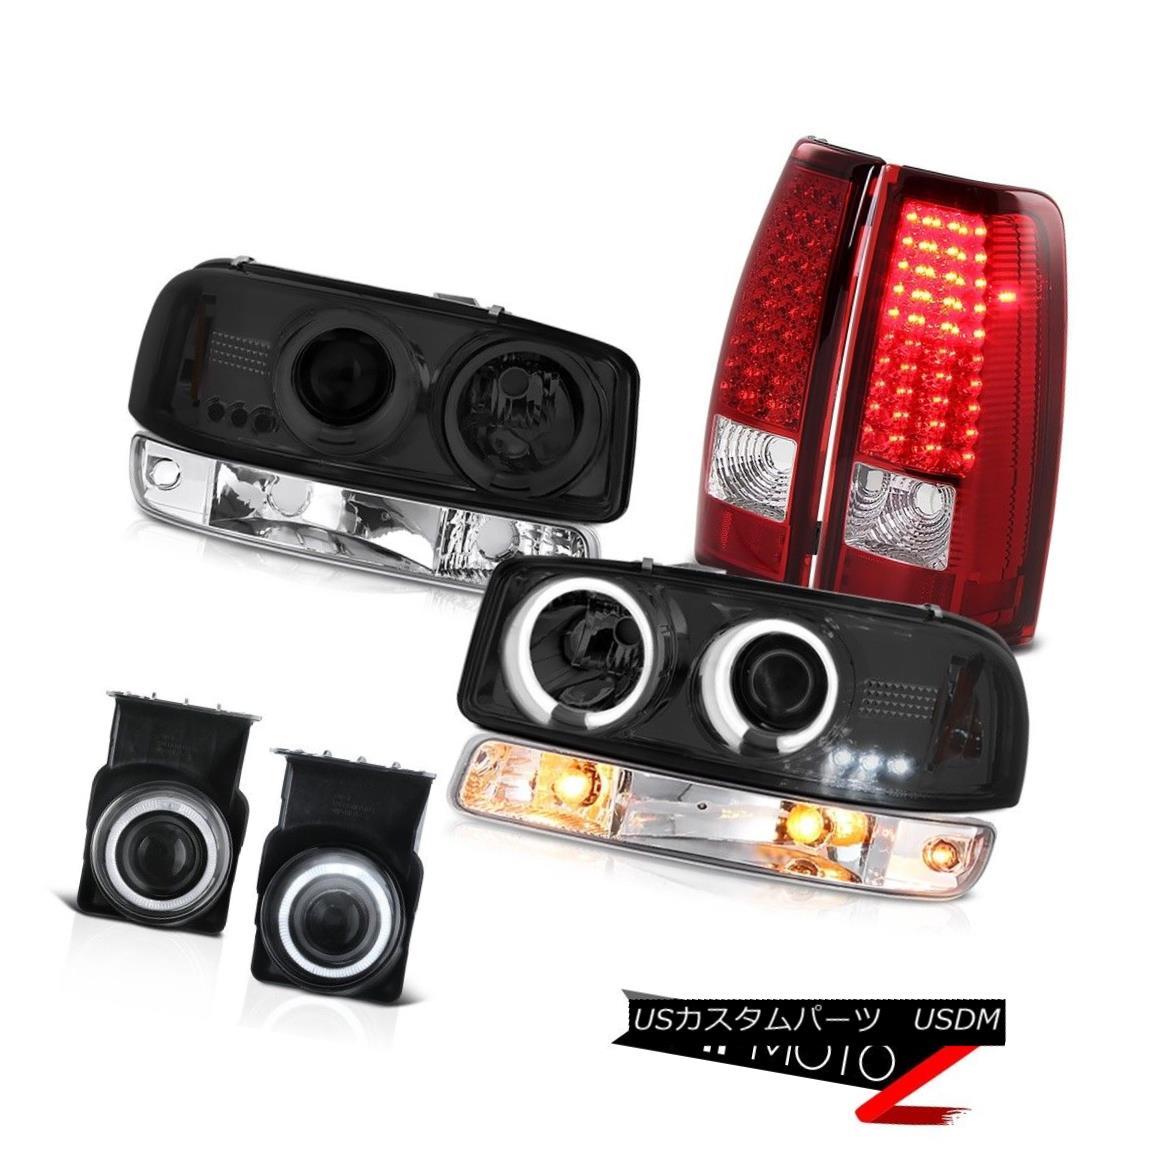 テールライト 03 04 05 06 Sierra WT Chrome fog lamps red taillamps signal light ccfl headlamps 03 04 05 06シエラWTクロームフォグランプ赤色テールランプ信号ライトccflヘッドライト